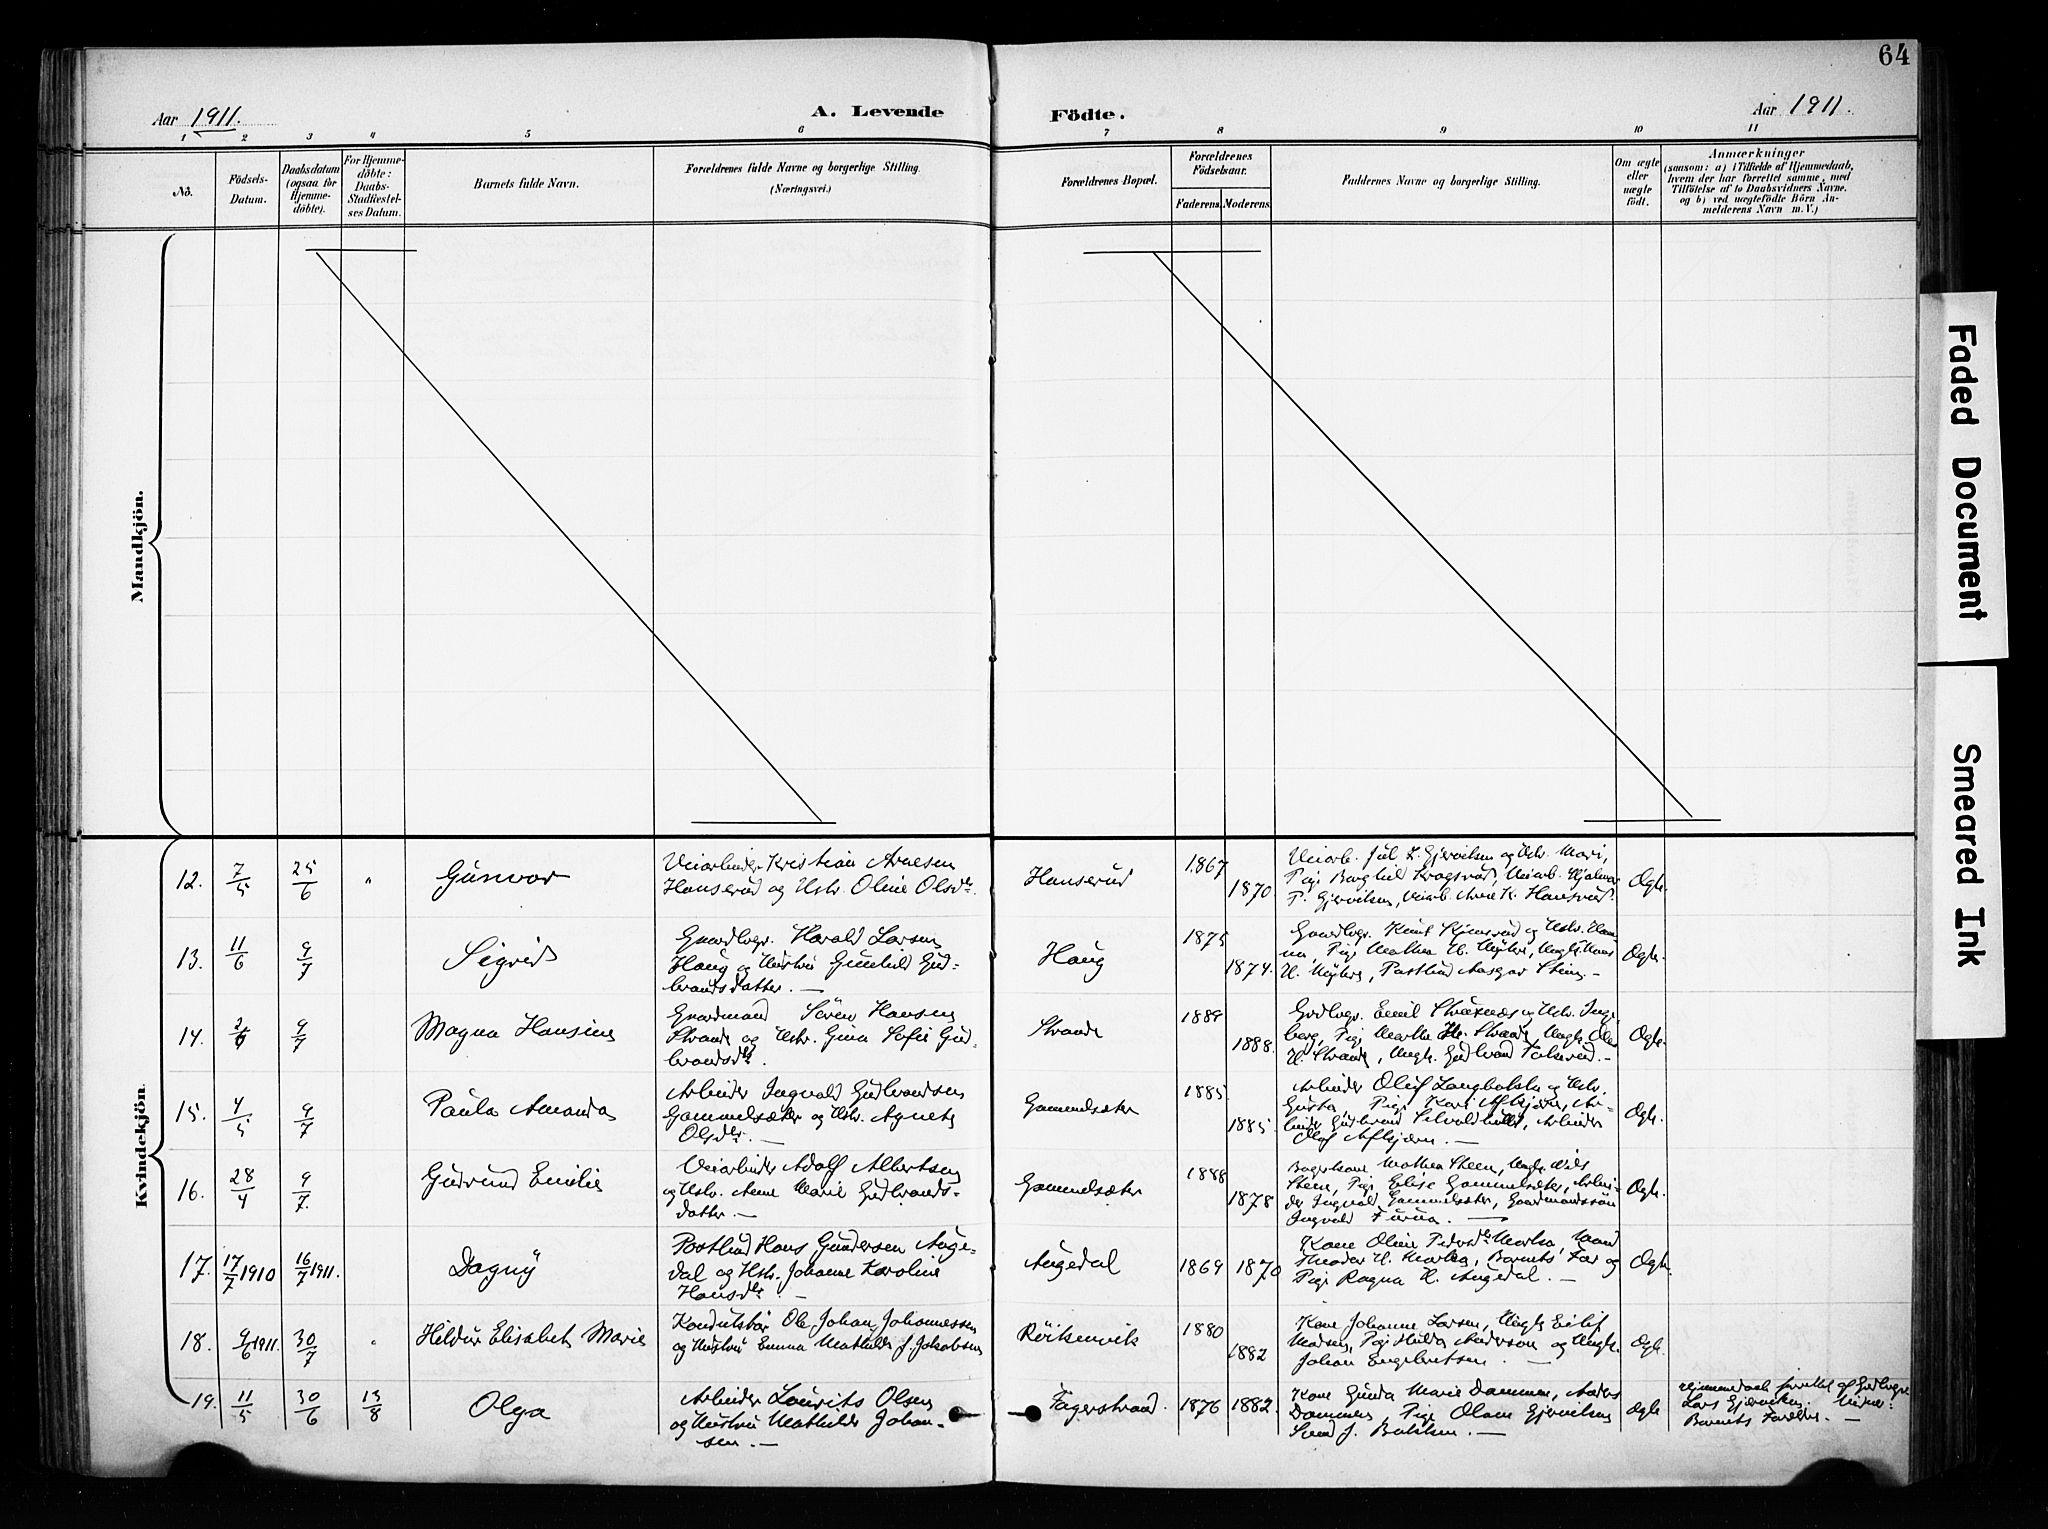 SAH, Brandbu prestekontor, Ministerialbok nr. 1, 1900-1912, s. 64